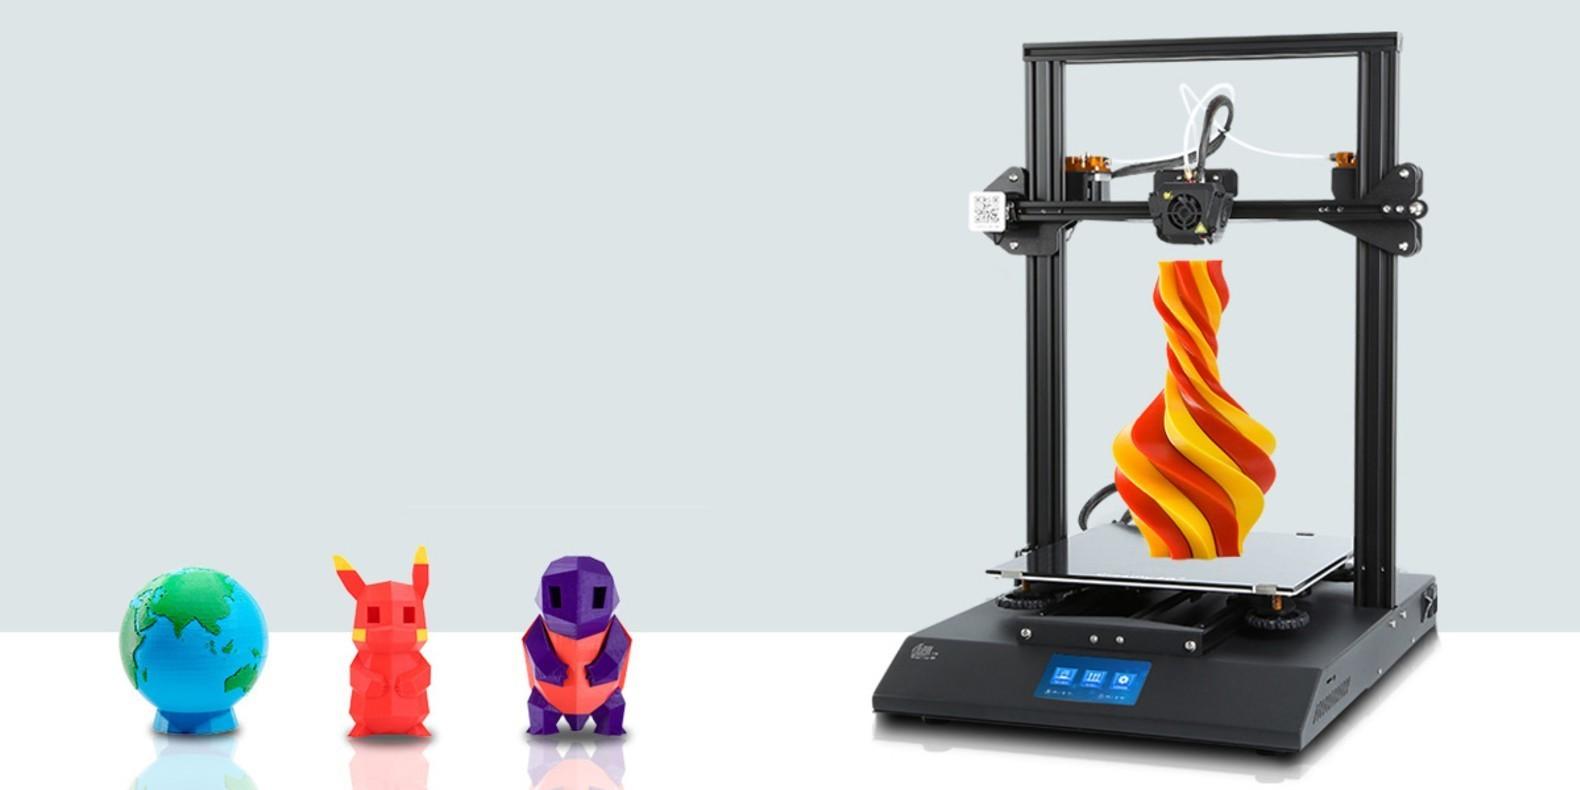 Avis sur les imprimantes 3D : Creality3D CR10, Creality3D CR ENDRE 3 et Creality3D CR10S.